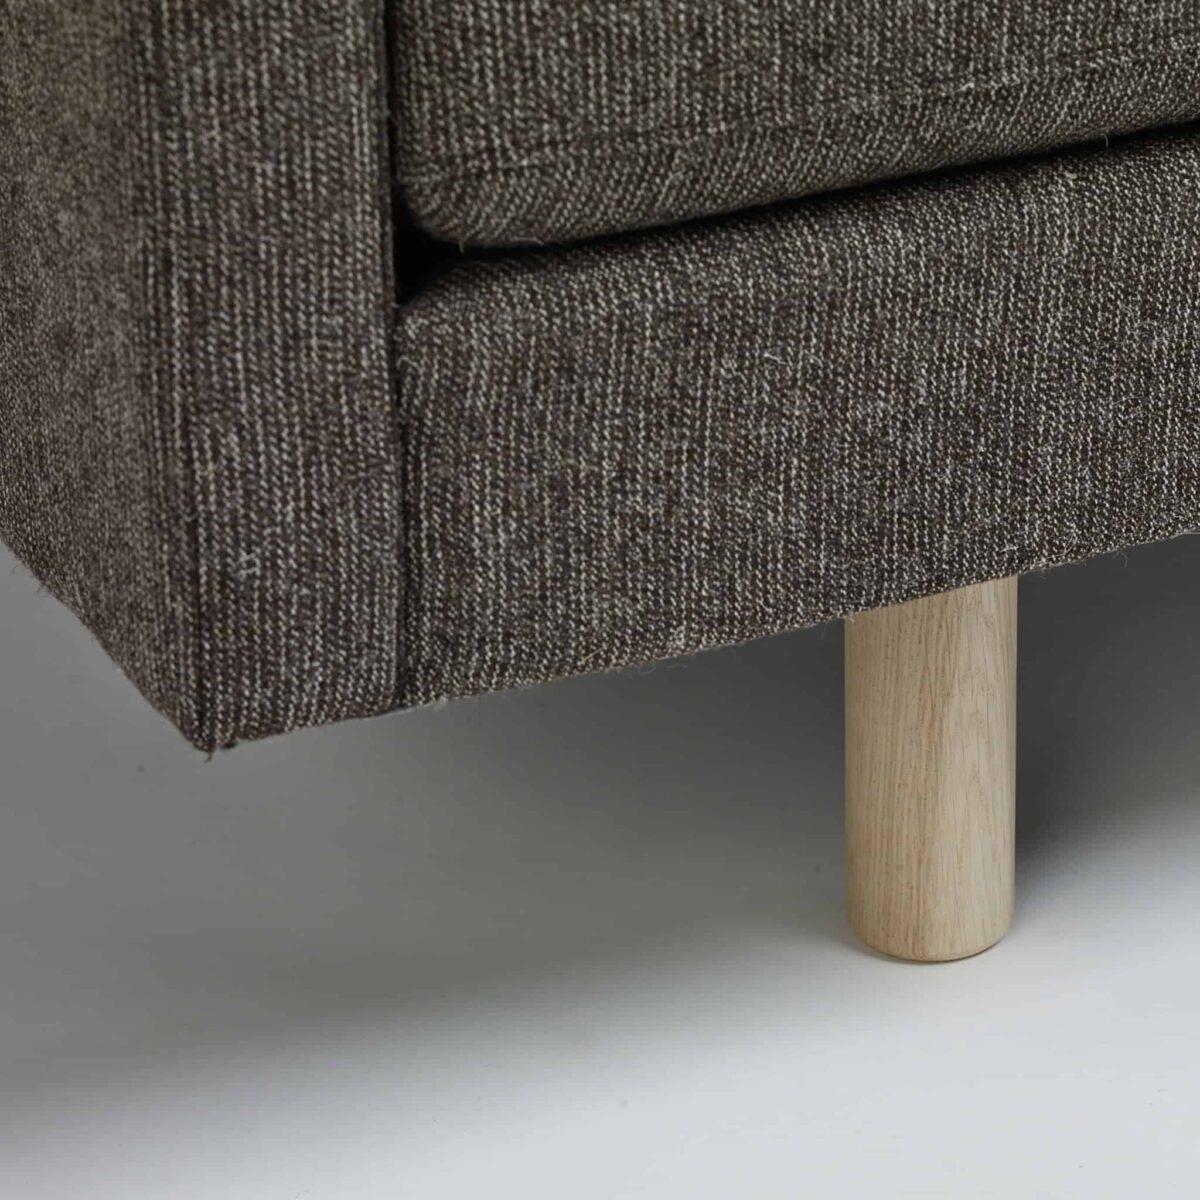 SL88-soren-lund-danish-sofa-004